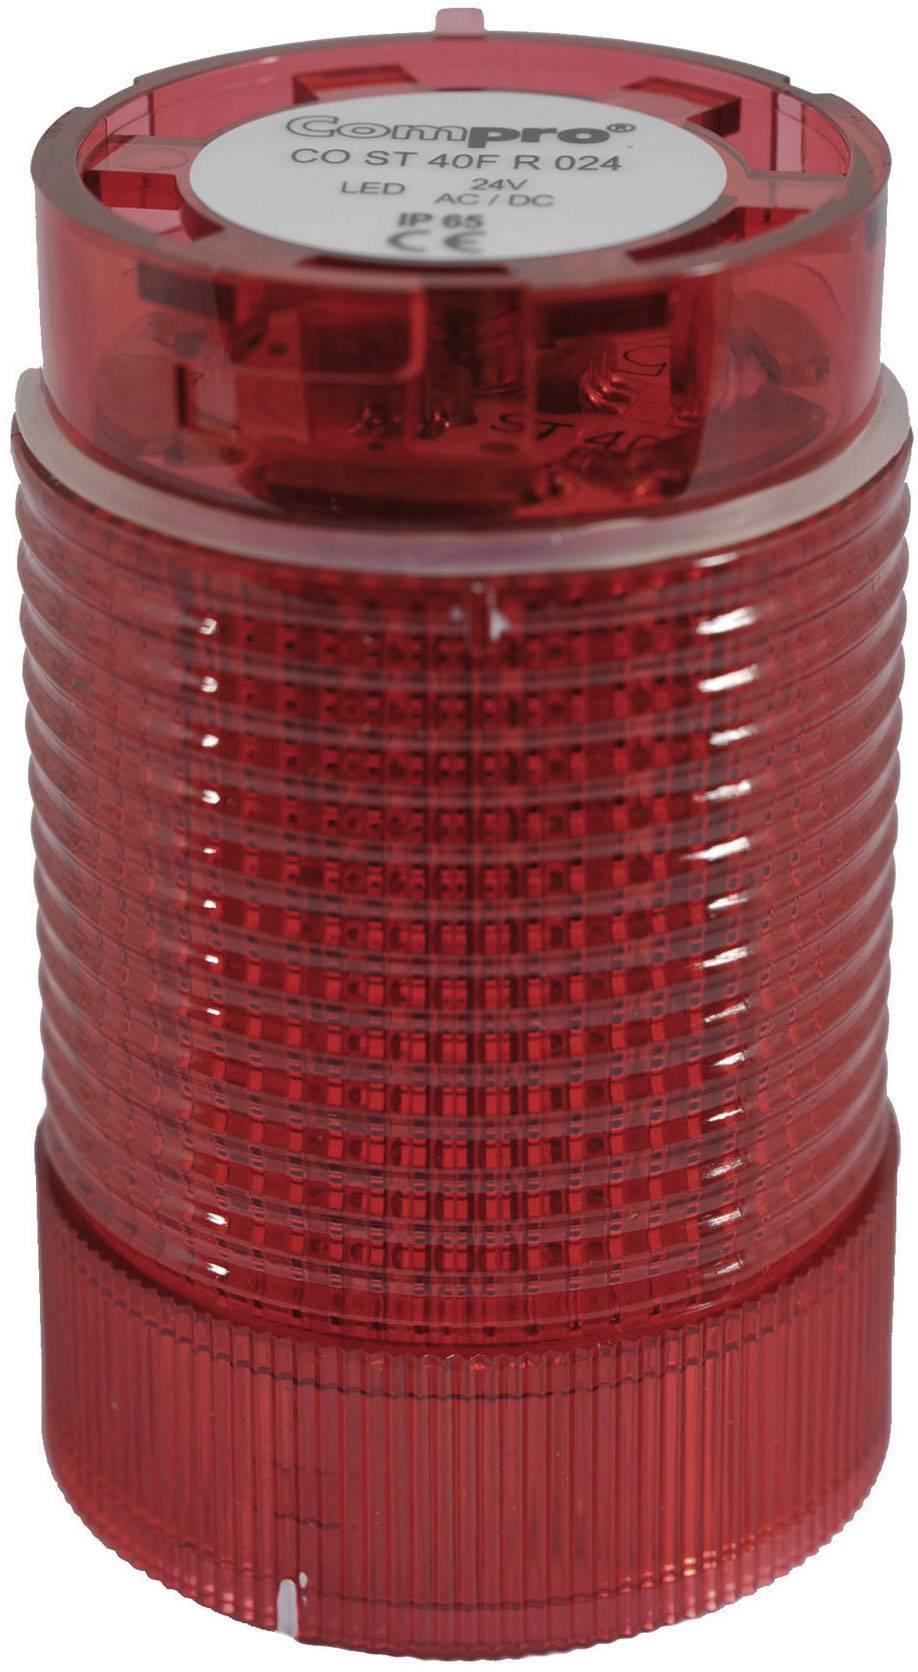 Modul signalizačního sloupku LED ComPro CO ST 40, červená, trvalé světlo, zábleskové světlo, výstražný maják, 24 V/DC, 24 V/AC, 75 dB